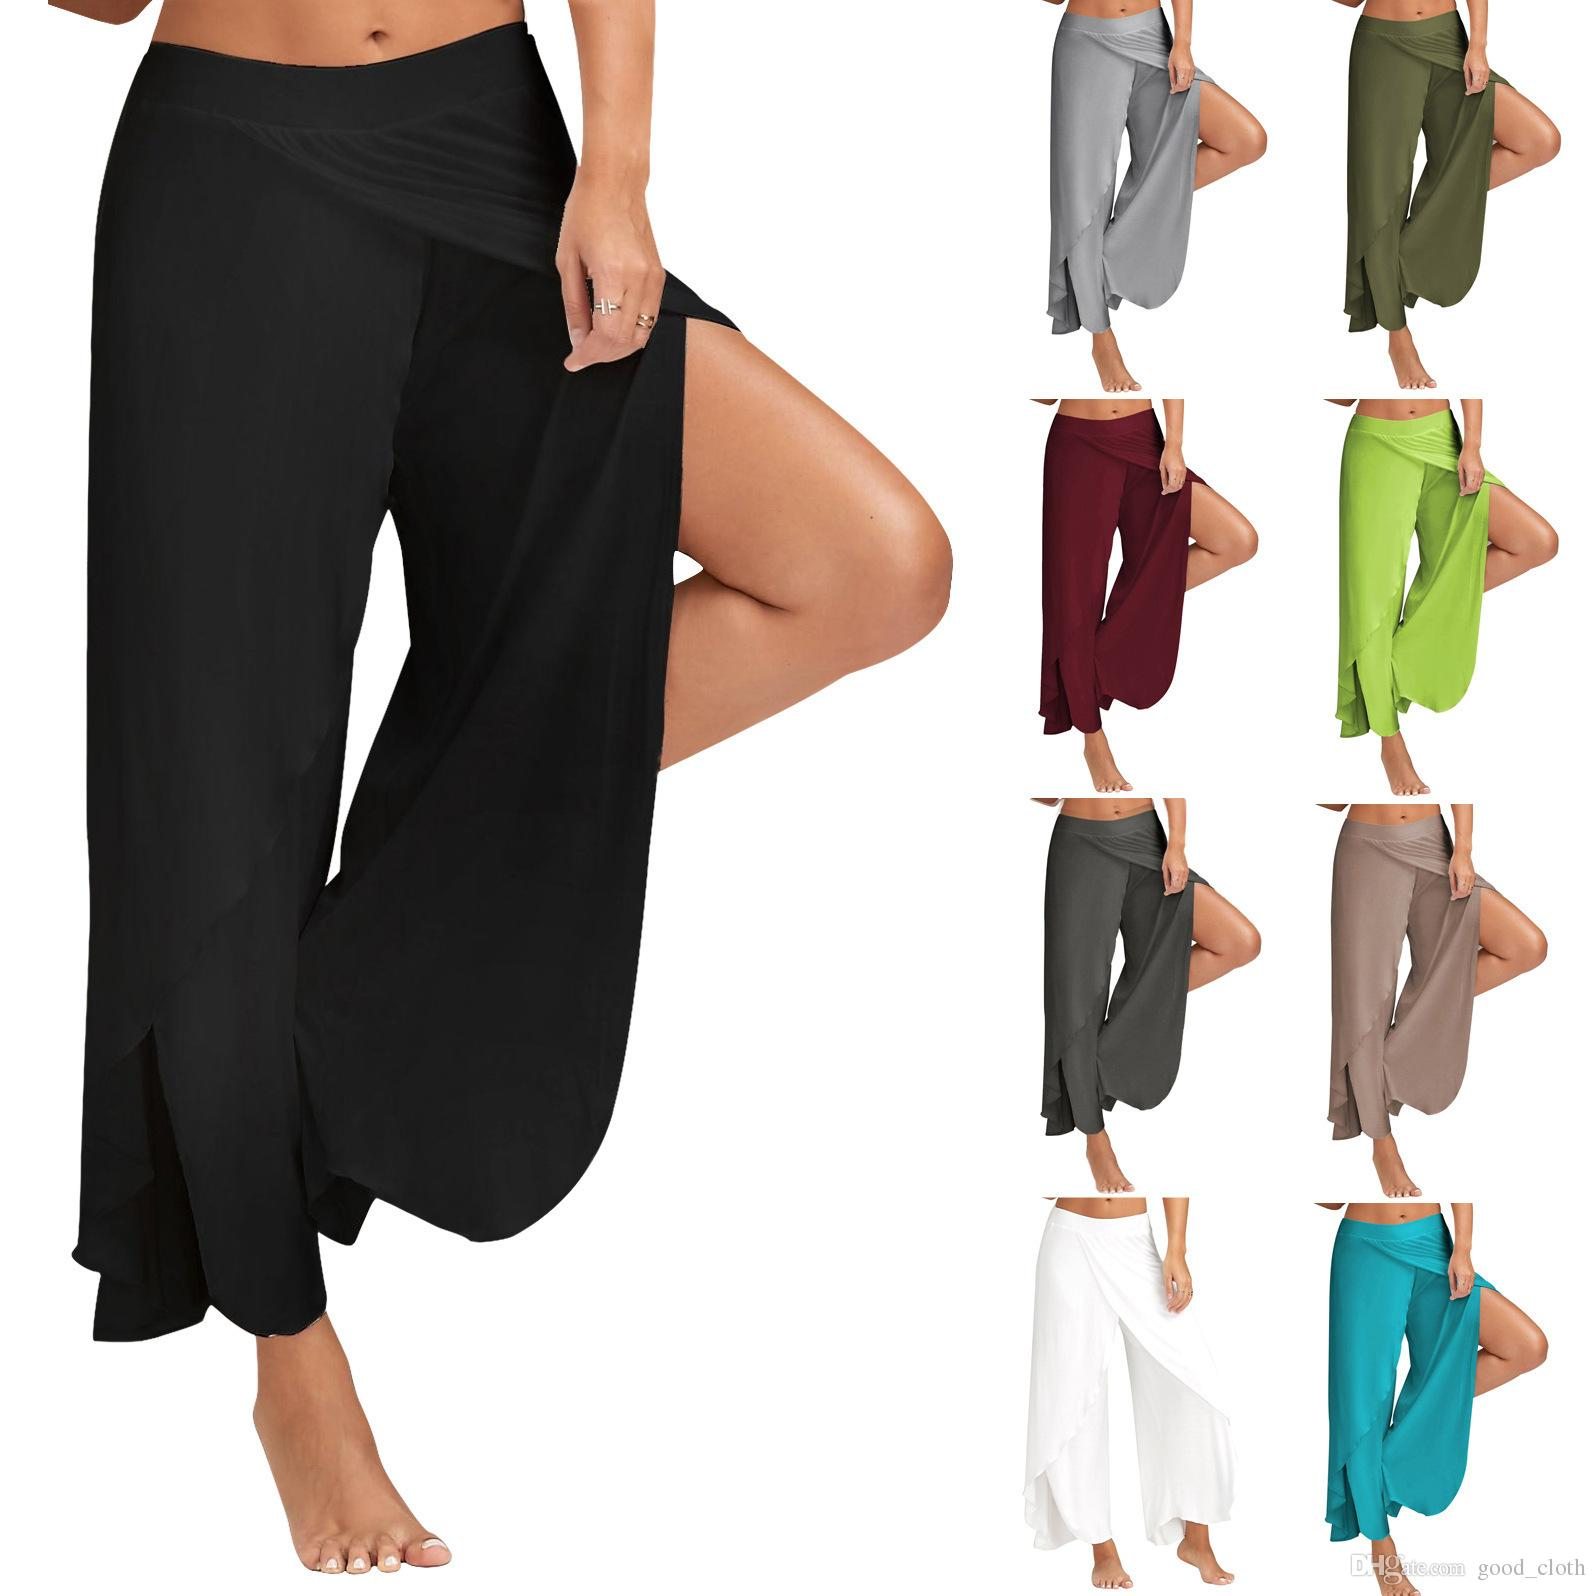 Kadınlar yoga spor çizgili gevşek geniş bacak pantolon streç tayt uzun pantolon şerit flare pantolon gevşek bloomers cn1215